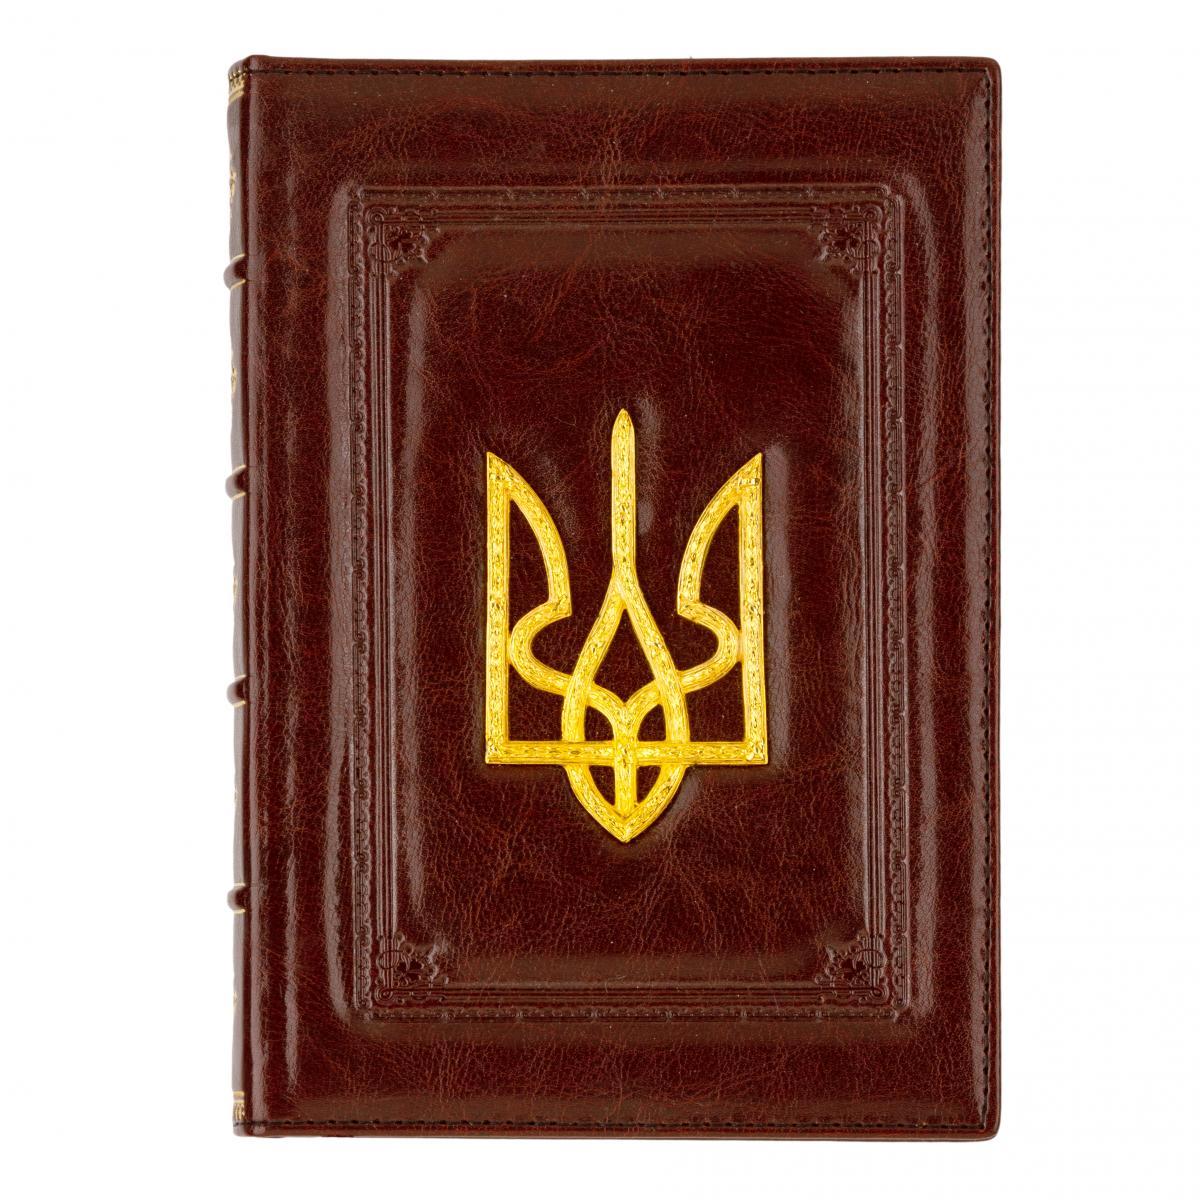 Щоденник з позолоченим тризубом в шкіряній палітурці. Фото №3.   Народний дім Україна